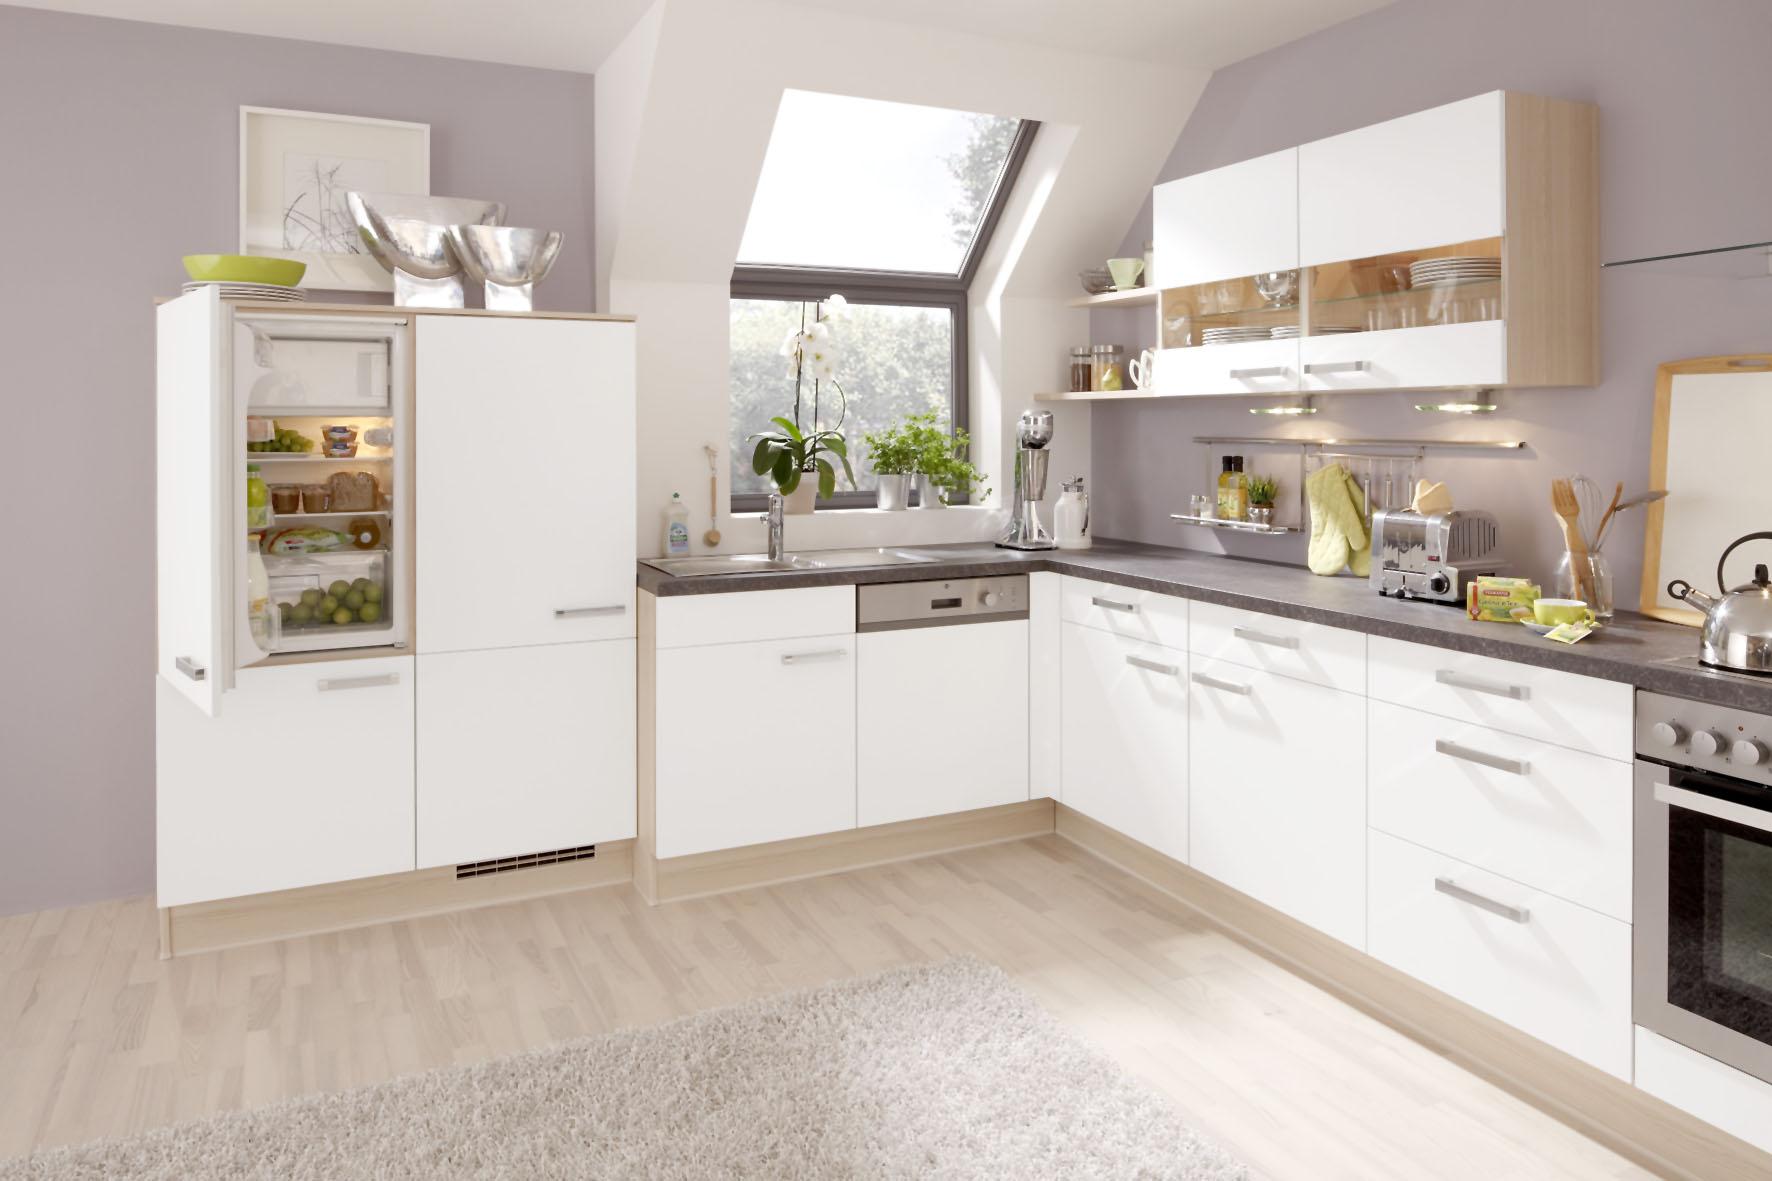 Moderne Kühlschränke sind außergewöhnlich energieeffizient und können weitaus mehr, als die Lebensmittel auf eine einheitliche Temperatur zu kühlen.